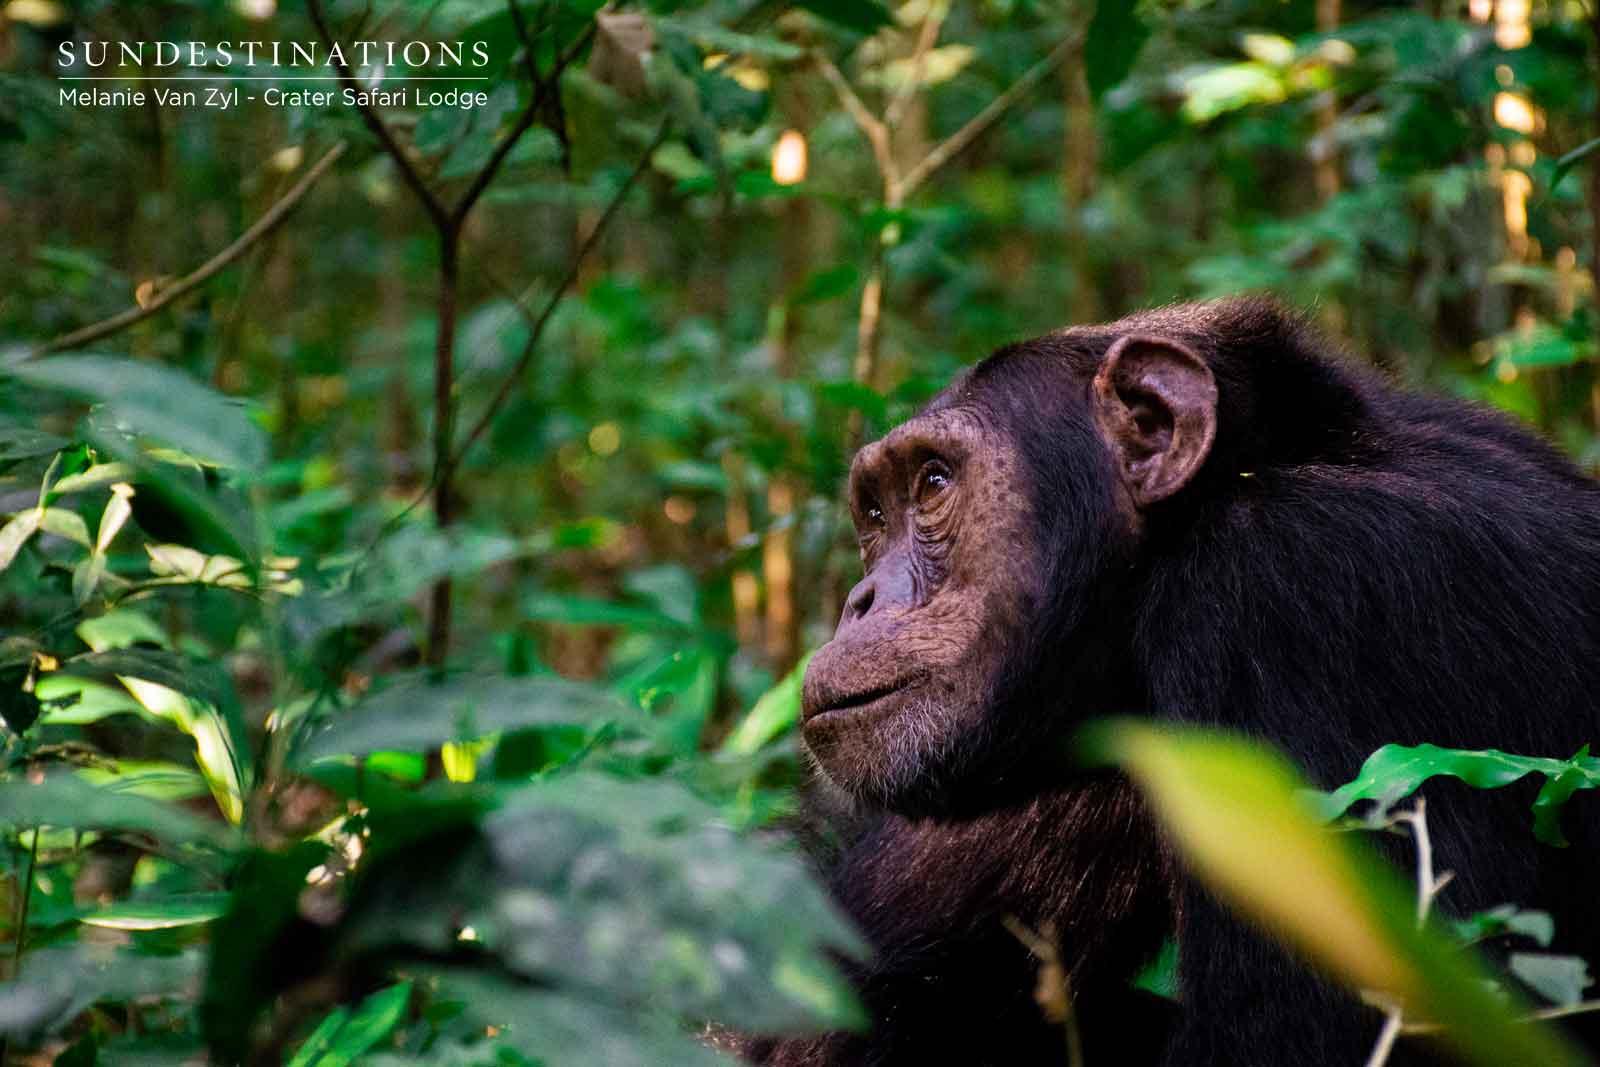 Chimpanzee at Crater Safari Lodge